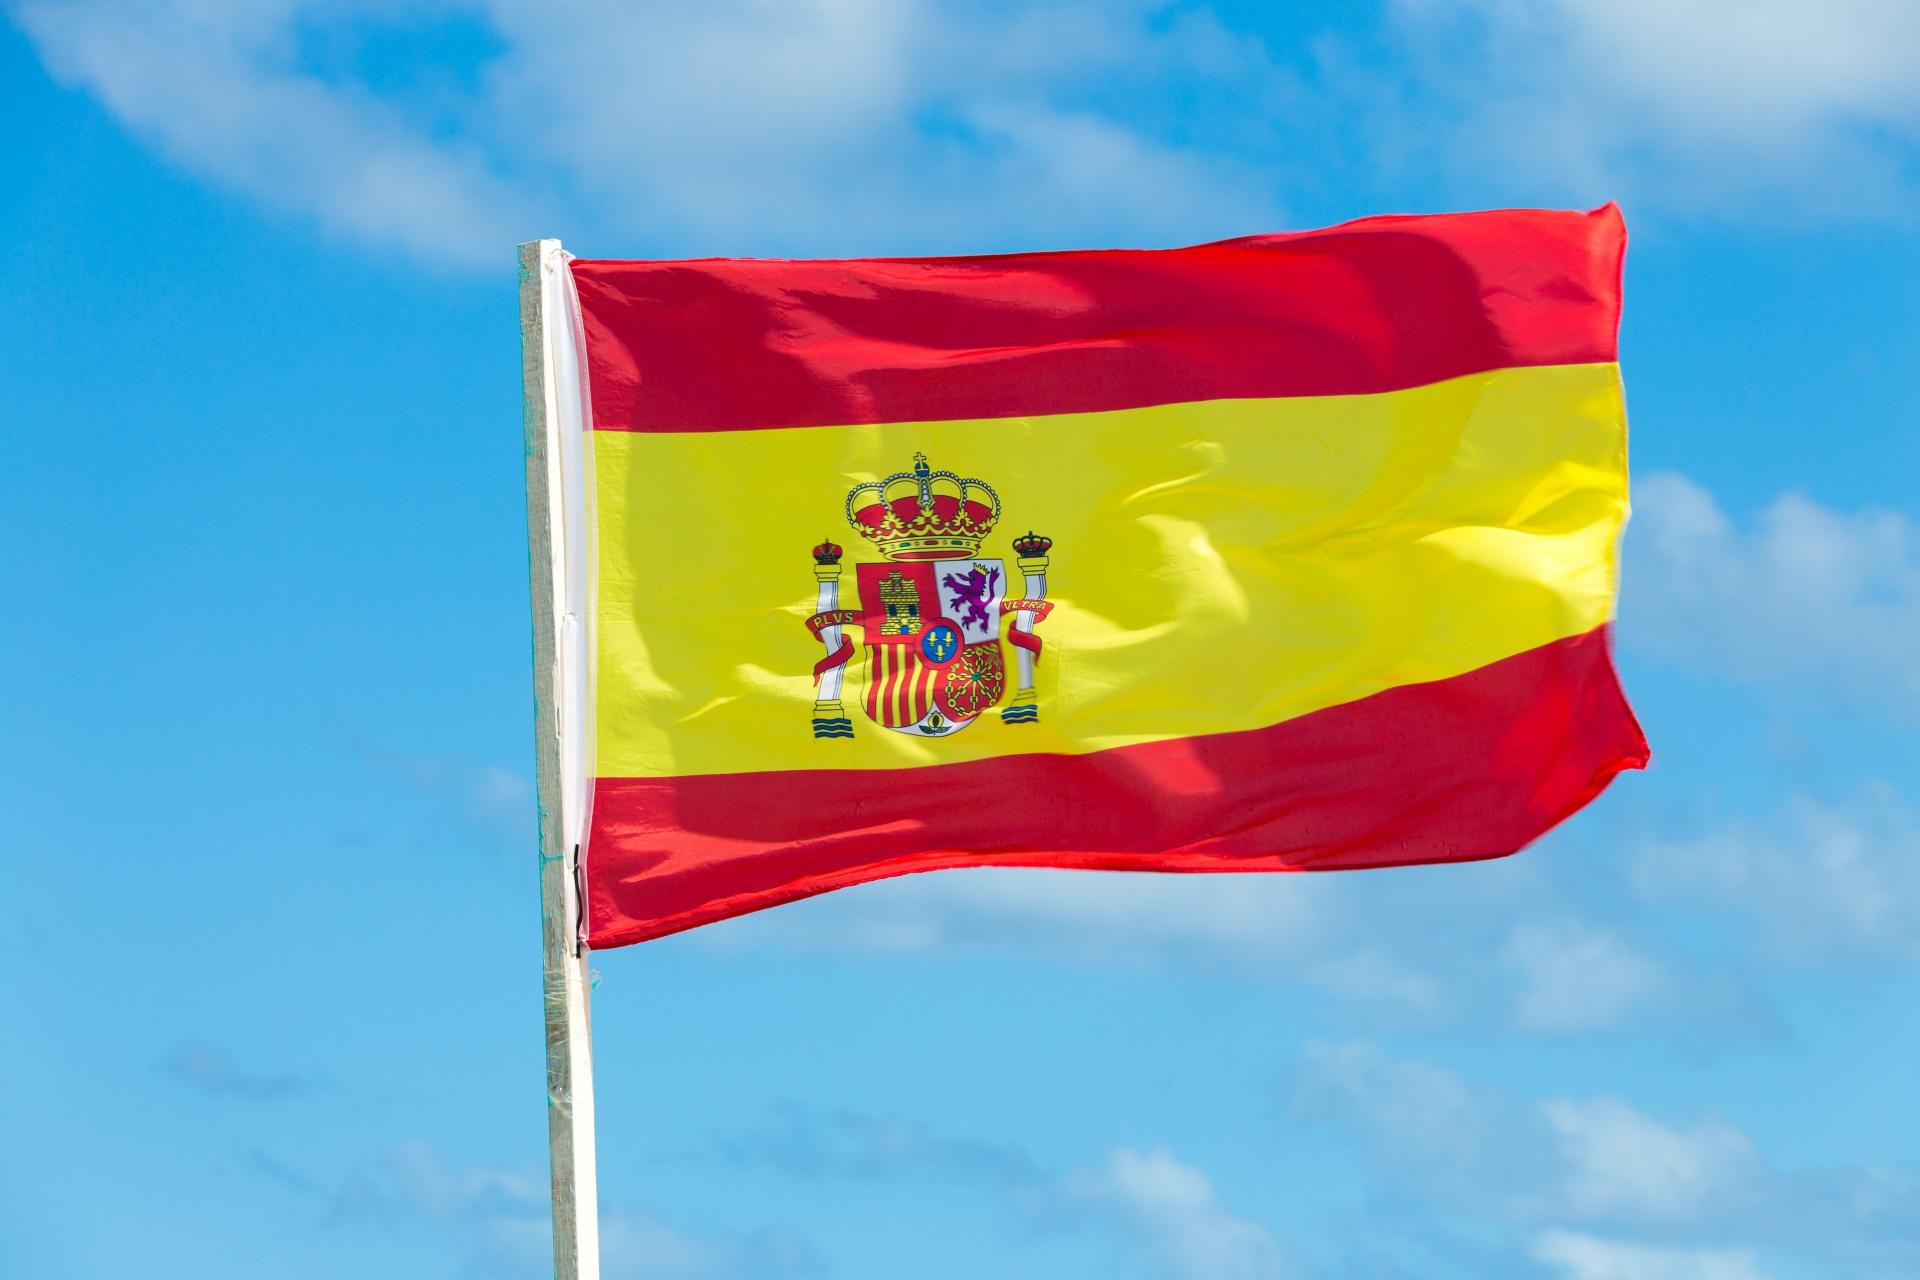 spanish-flag-1464084072Hvb.jpg